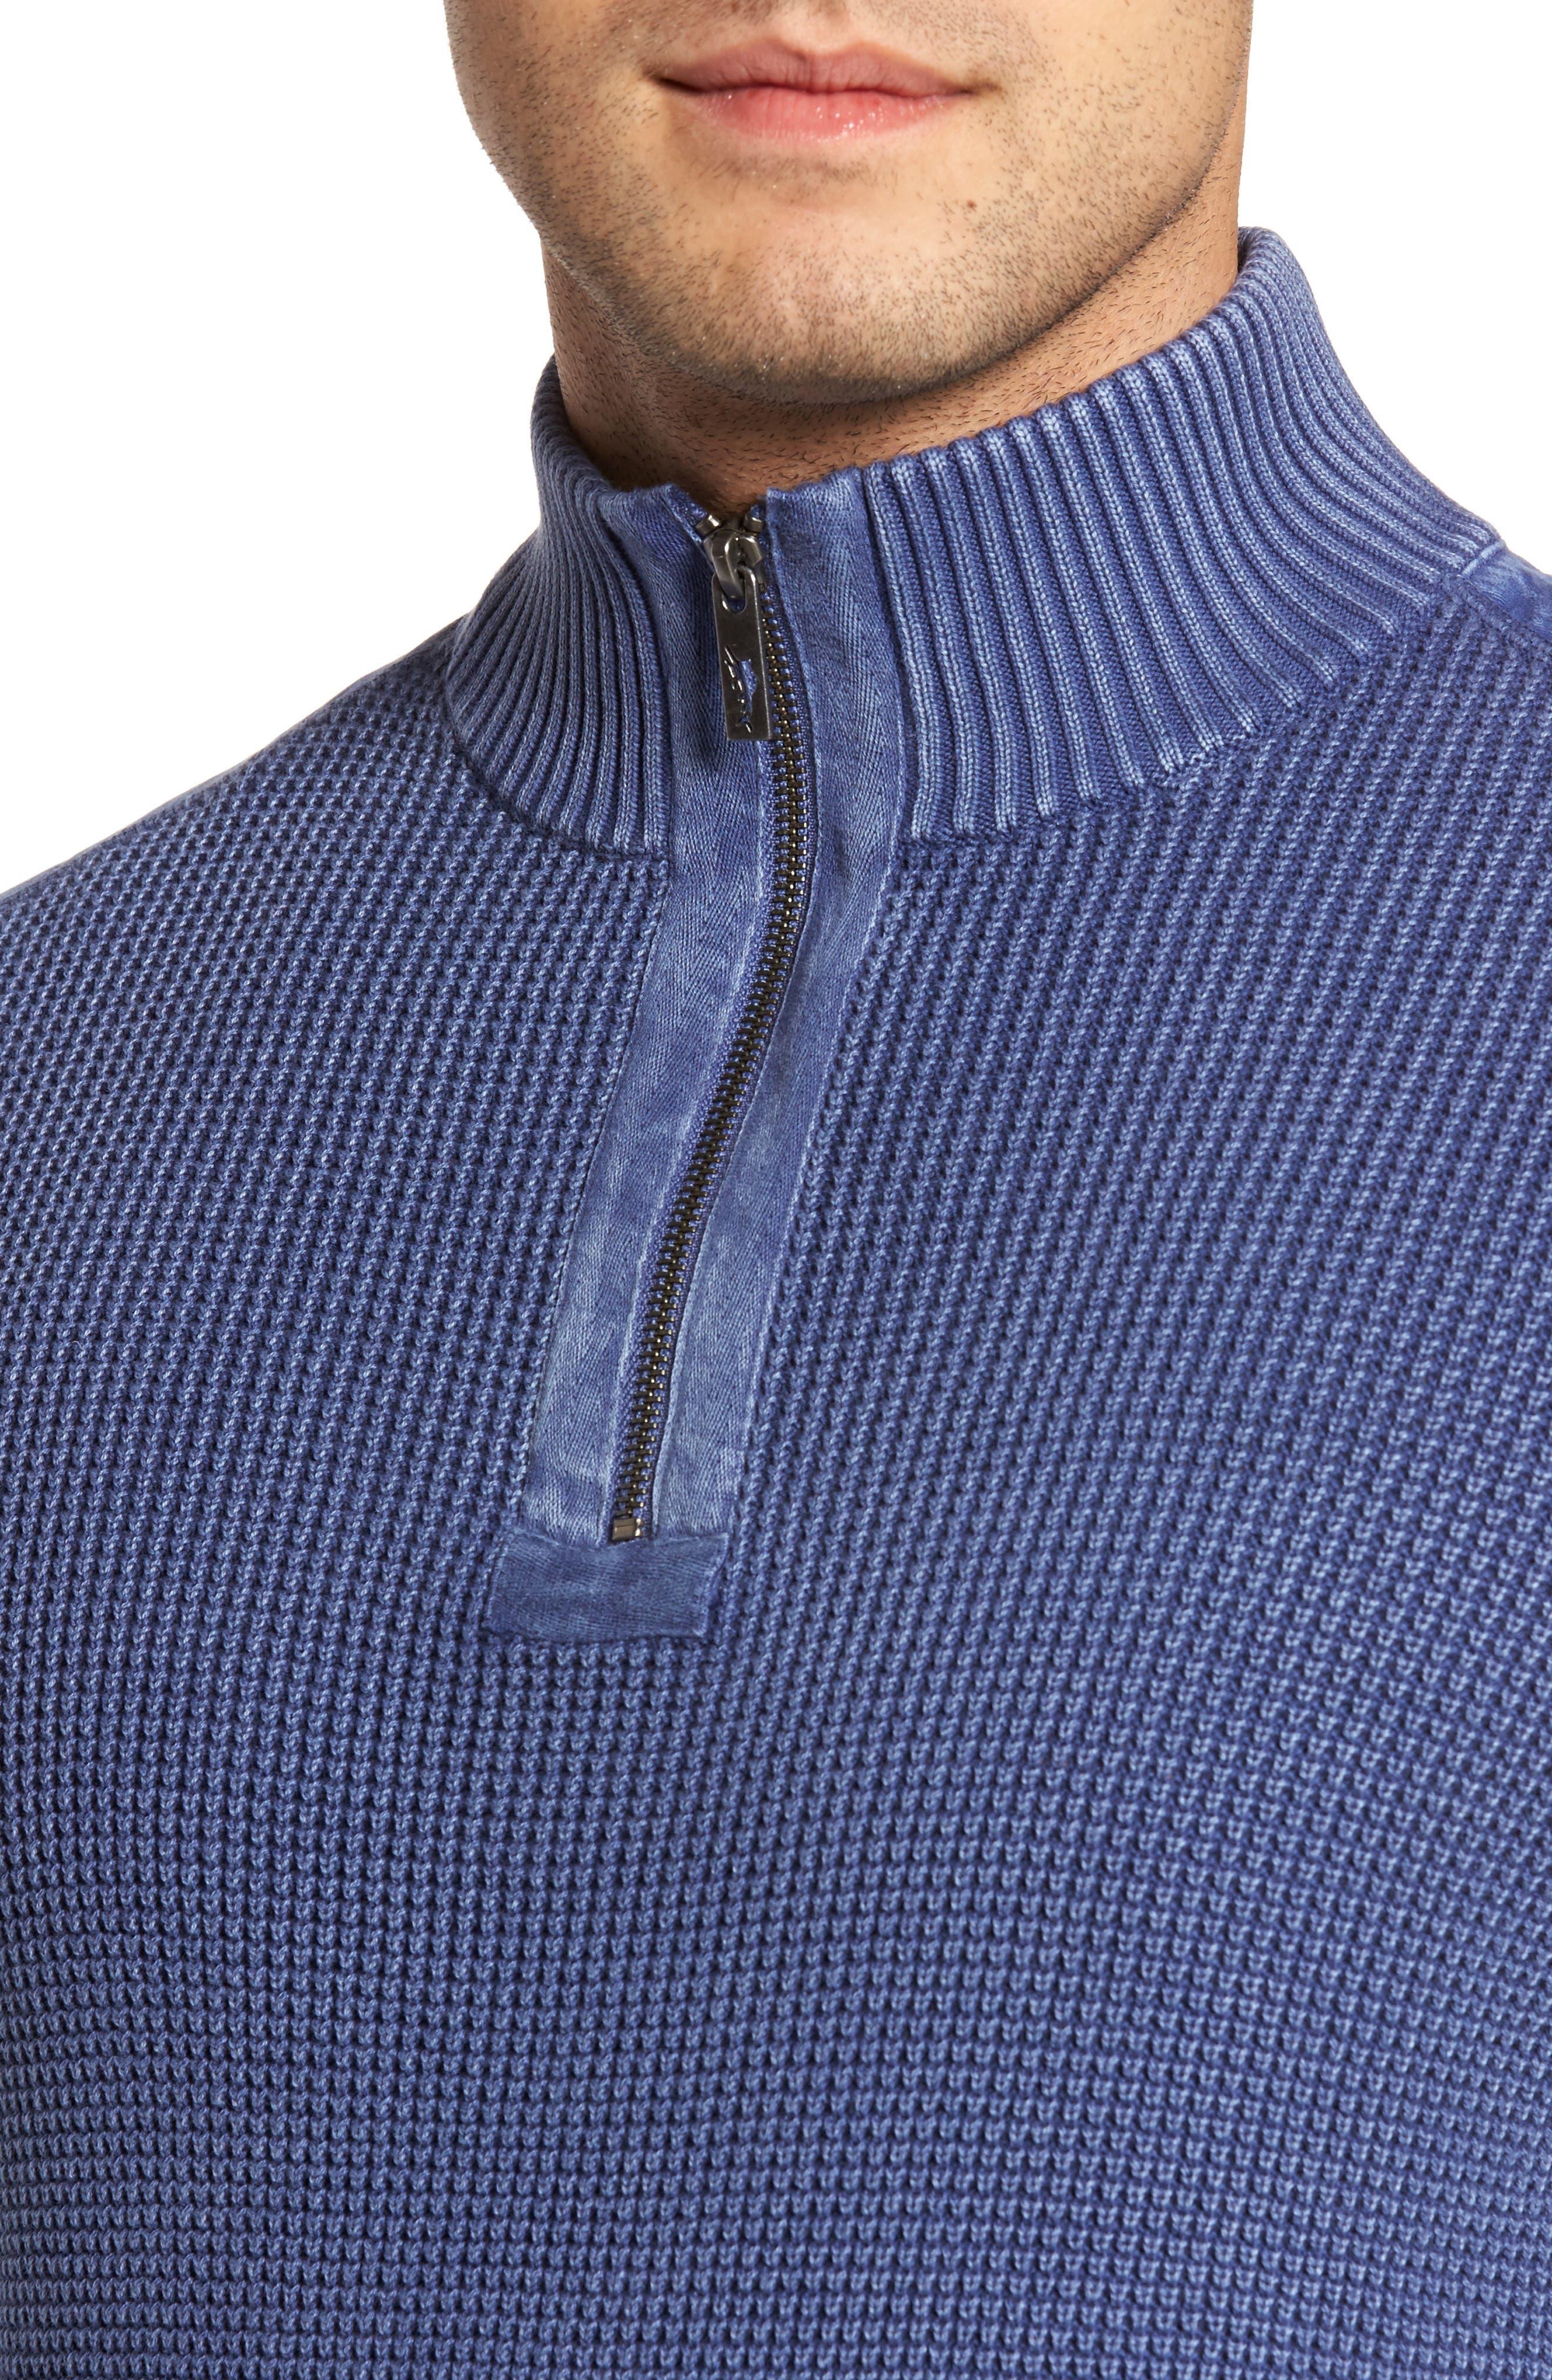 Coastal Shores Quarter Zip Sweater,                             Alternate thumbnail 5, color,                             Downpour